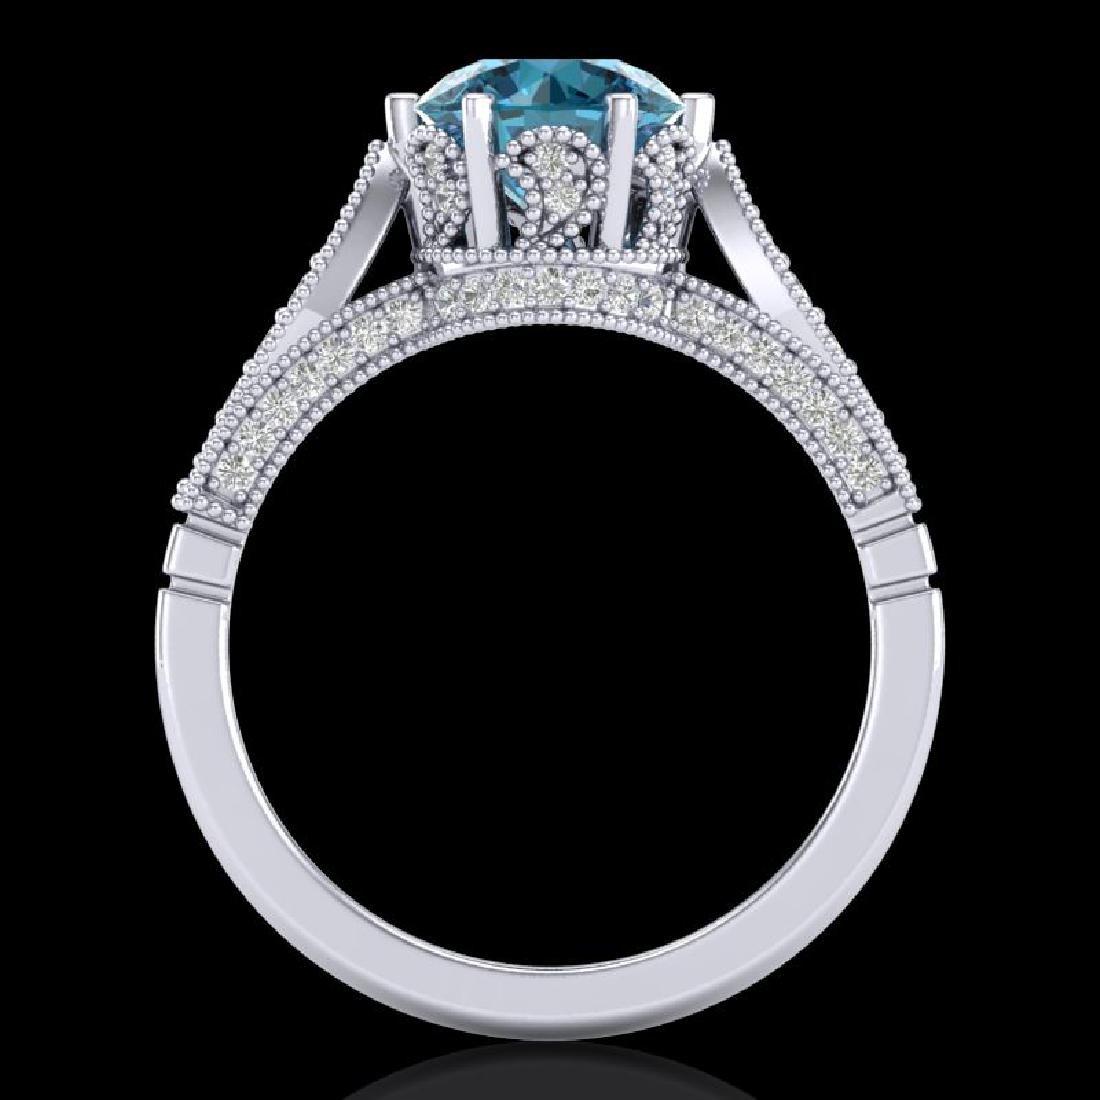 2.2 CTW Intense Blue Diamond Solitaire Engagement Art - 3